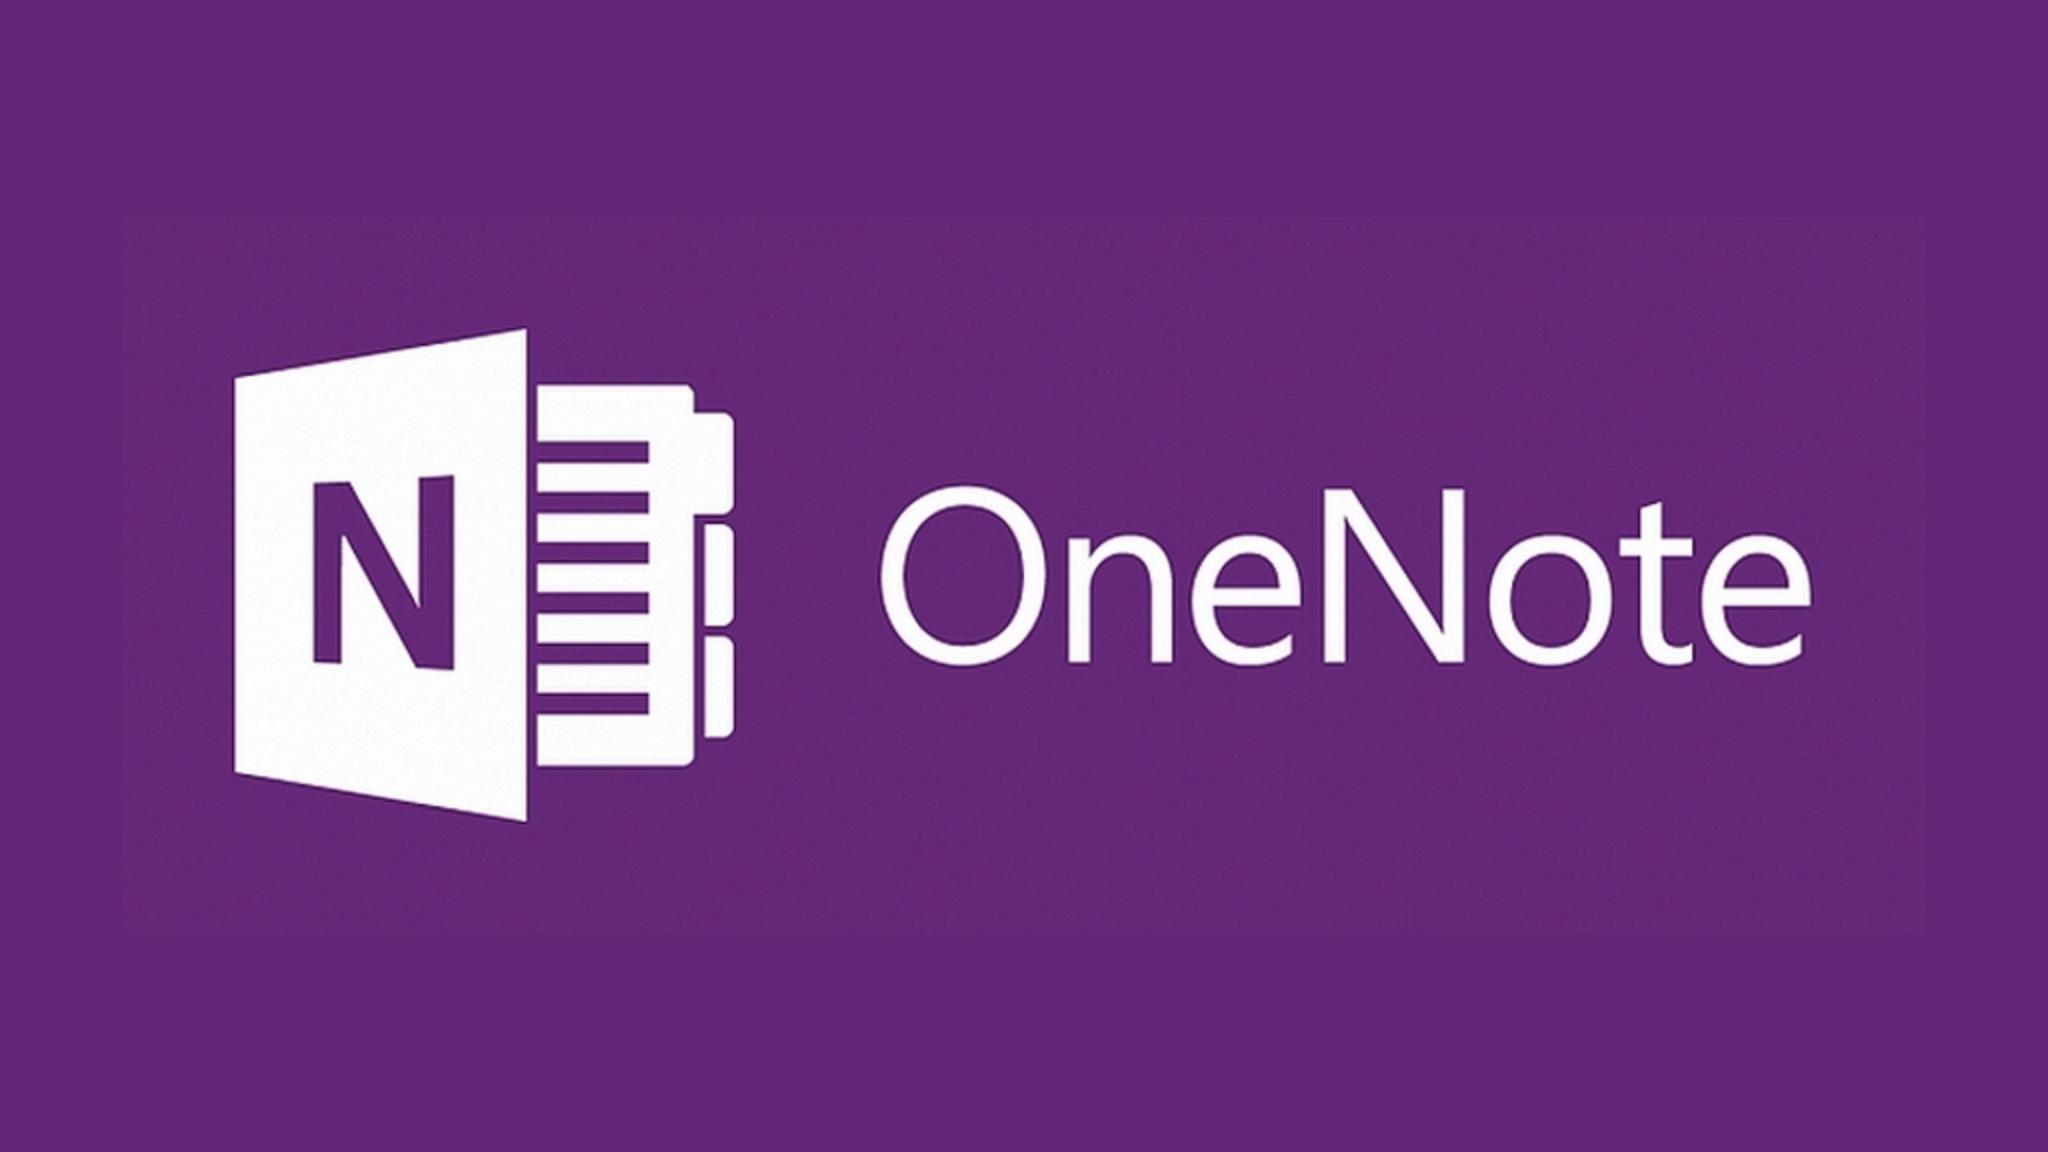 OneNote bekommt ein neues Design und startet damit auf iPhone und Co.